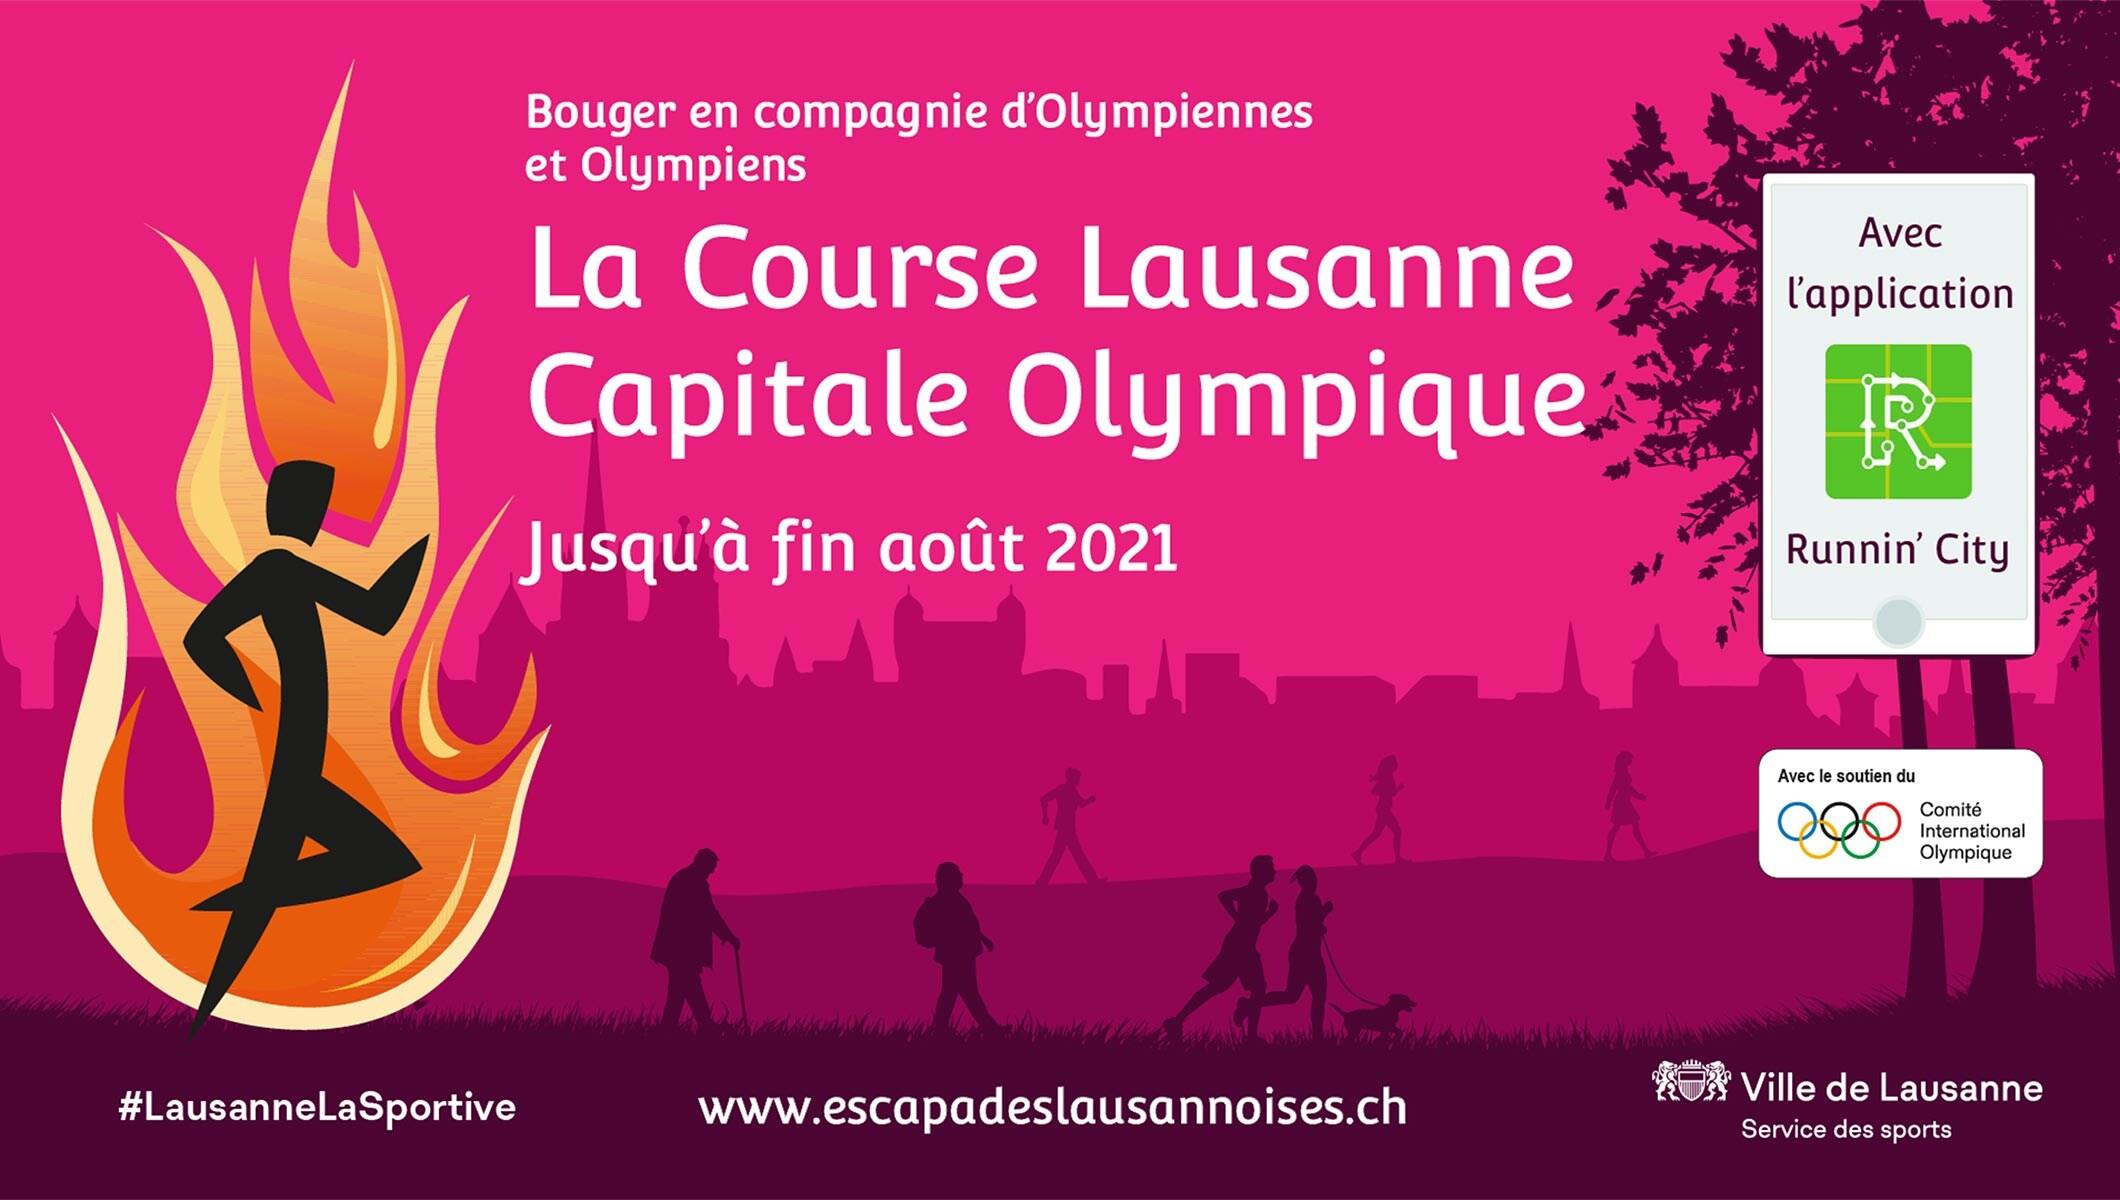 La Course Lausanne